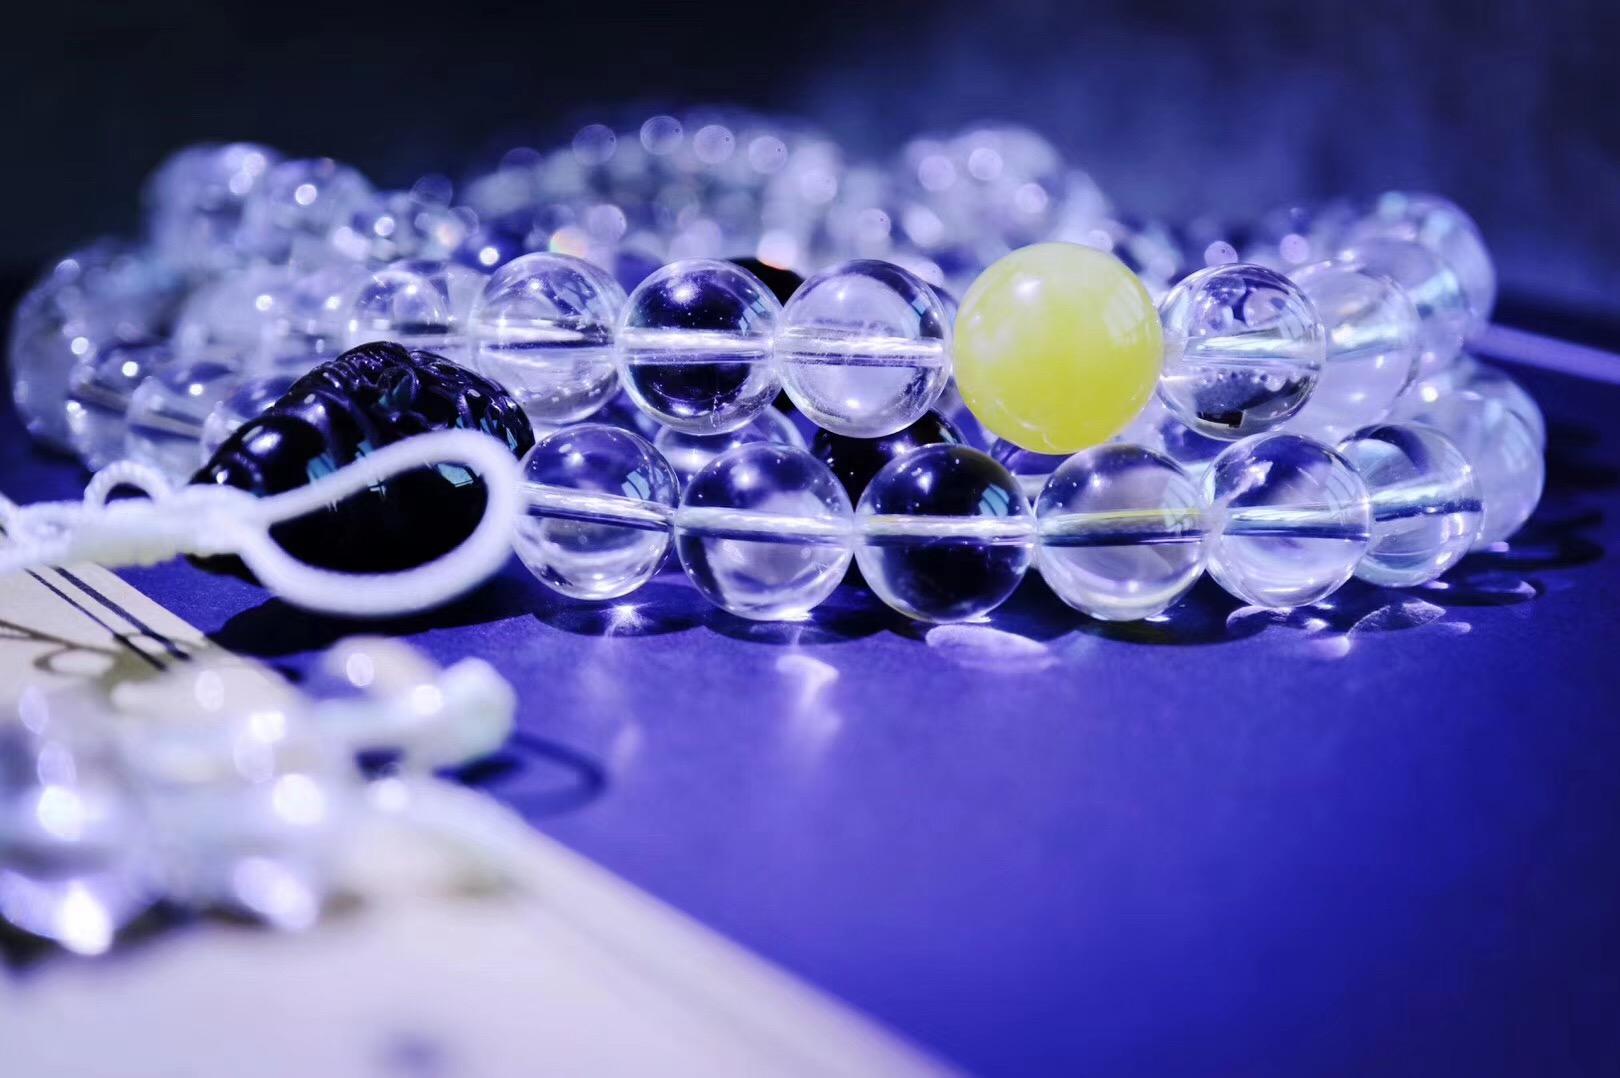 【菩心·白水晶-念珠📿&手感超赞】只觉得唇上印了一记凉如清露的吻-菩心晶舍